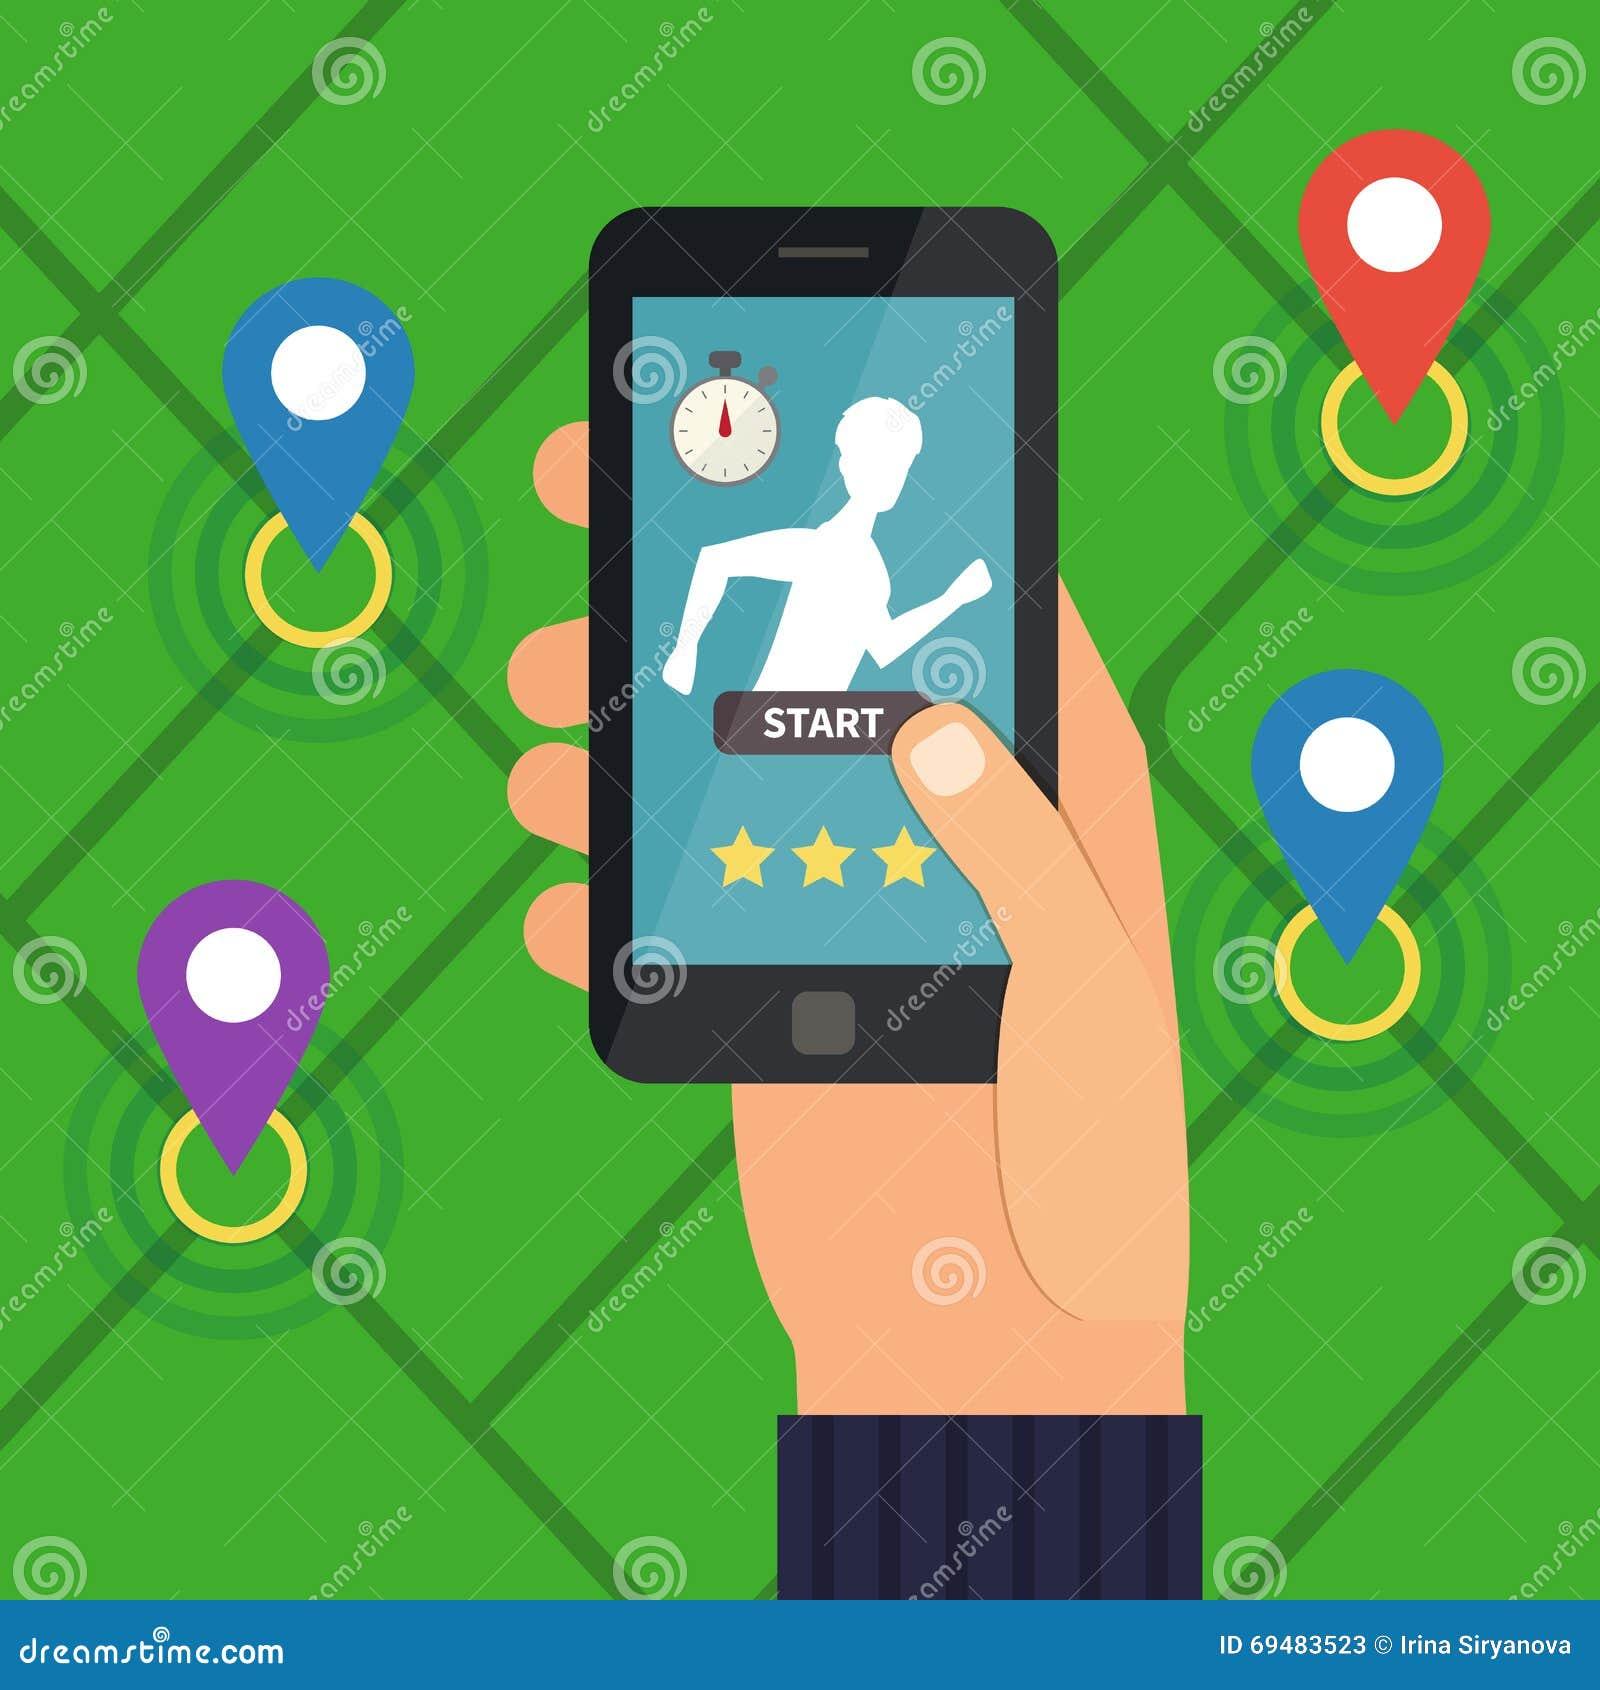 Sport Fitness Application. Running App. Stock Vector ...